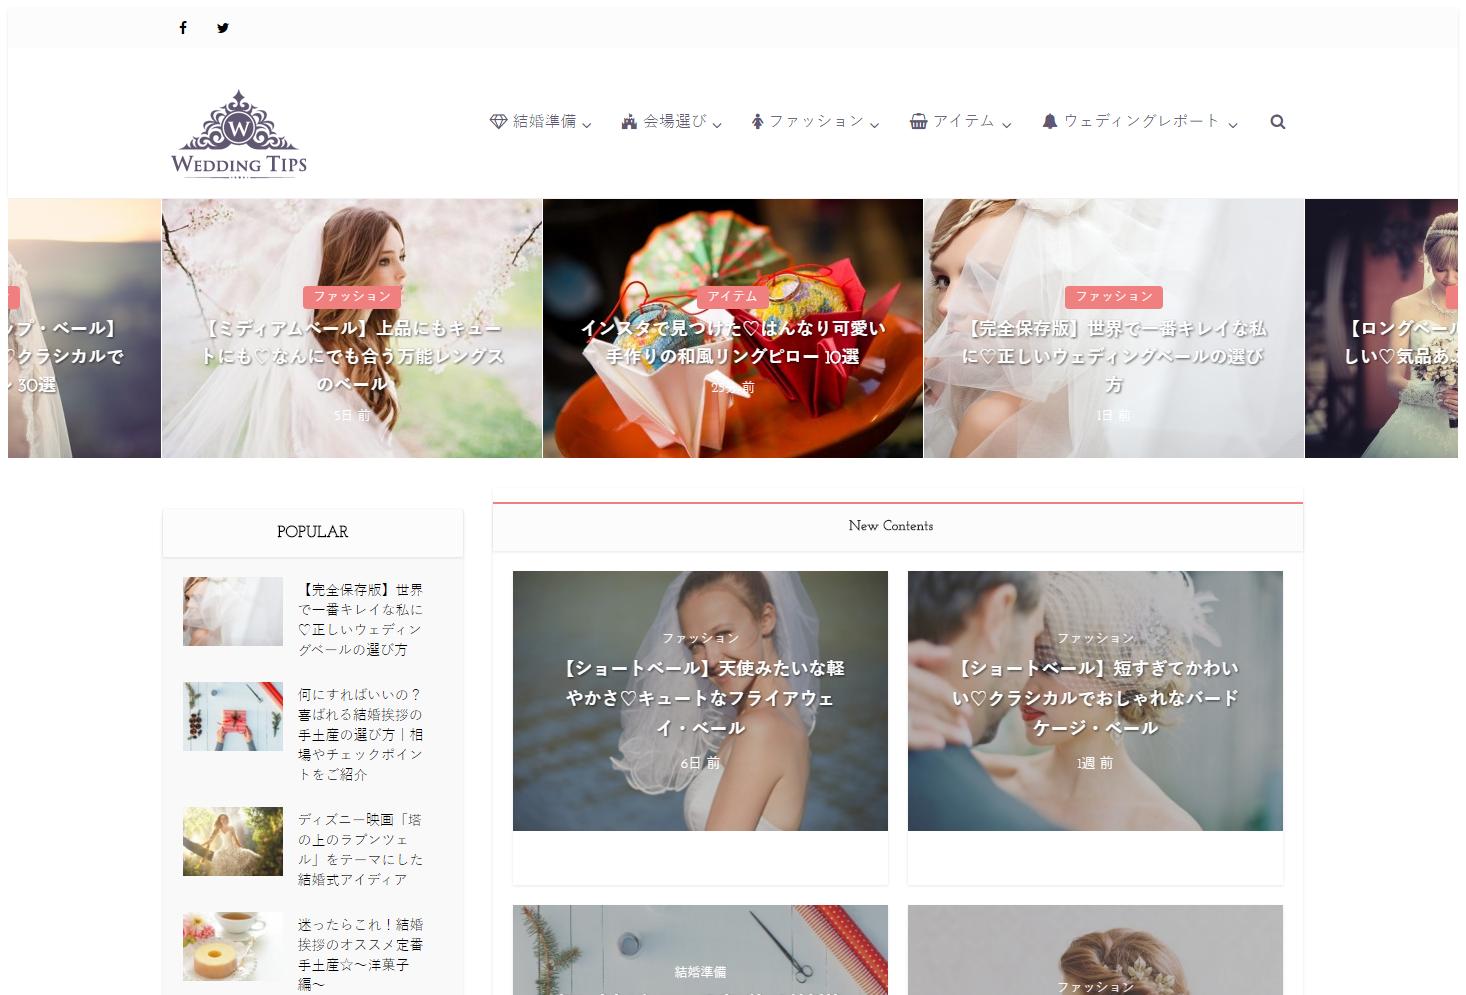 オシャレな海外ウェディングトレンドを配信するウェブマガジン【WEDDING TIPS】をリリース